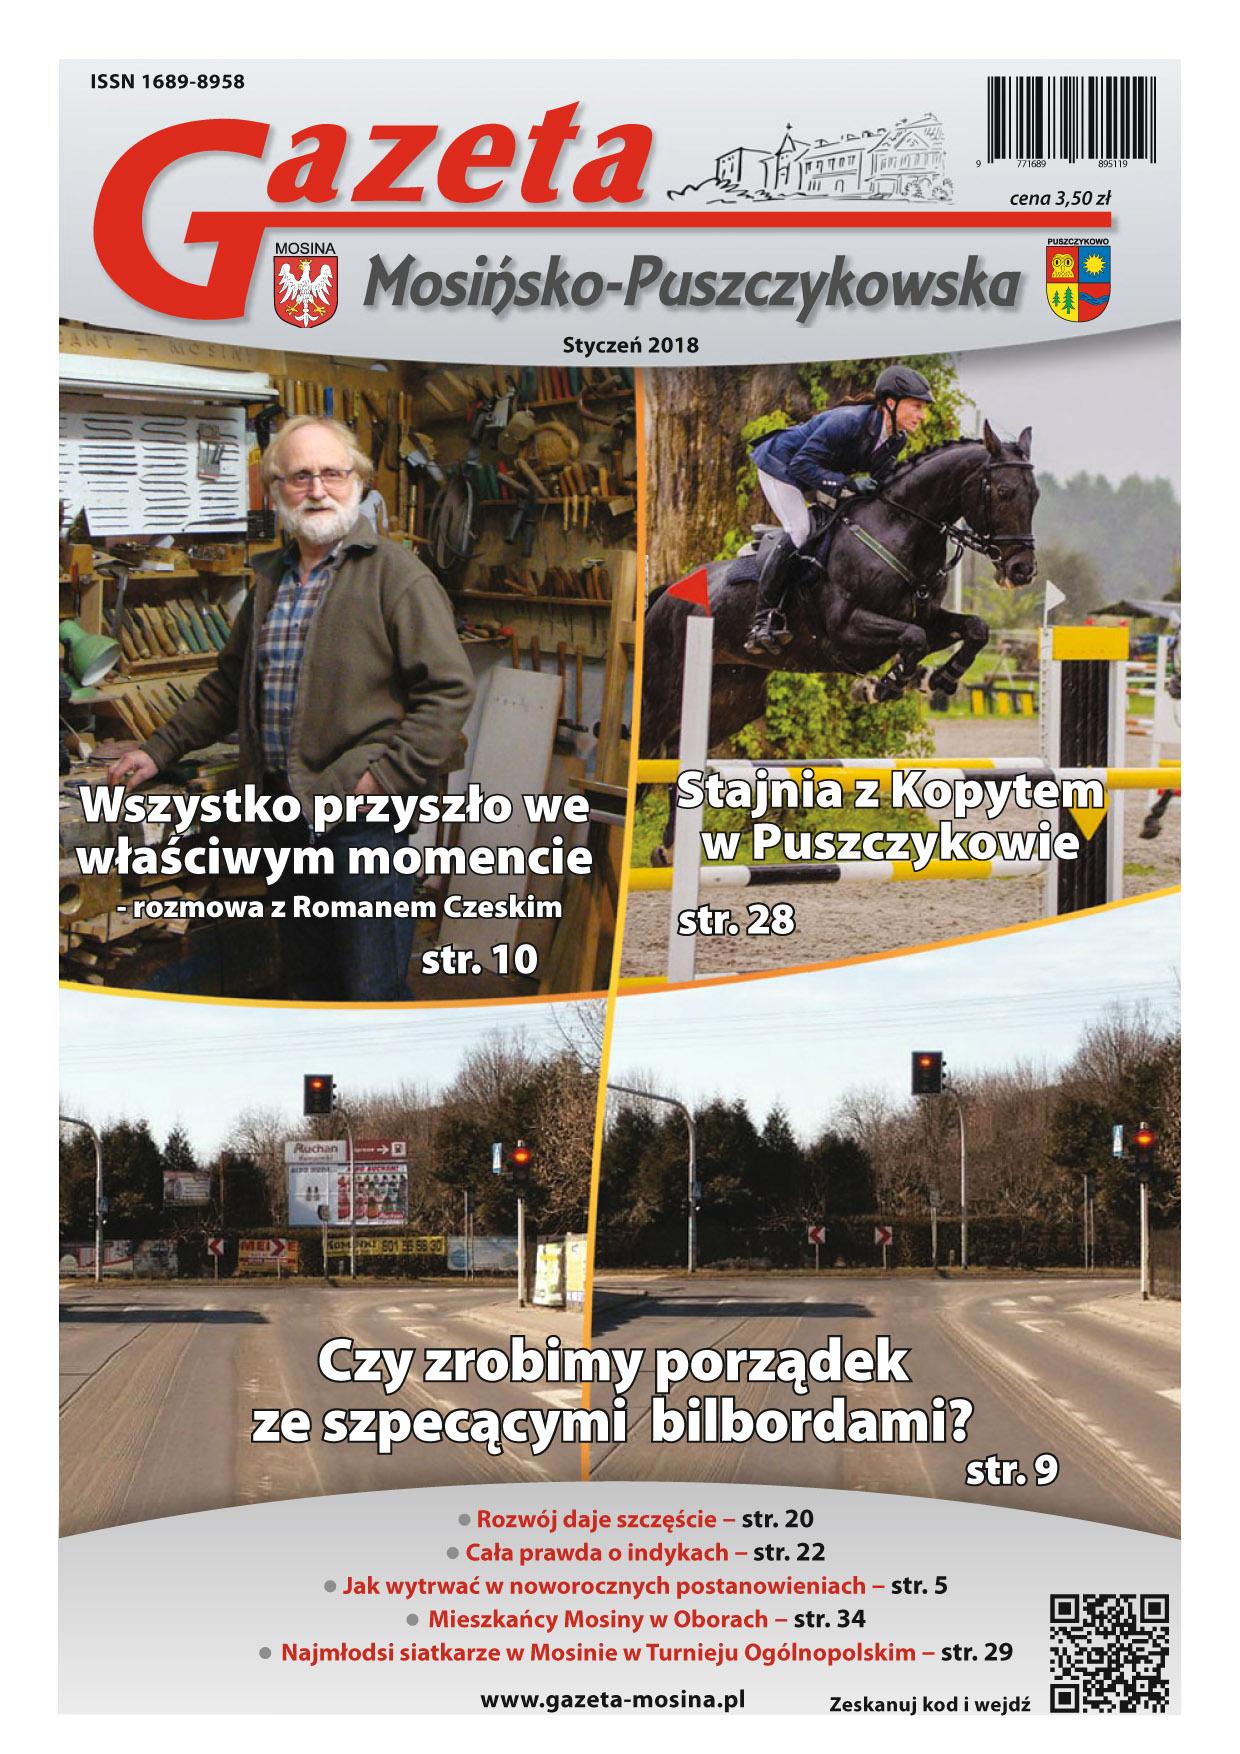 Gazeta Mosińsko-Puszczykowska wydanie Styczeń 2018